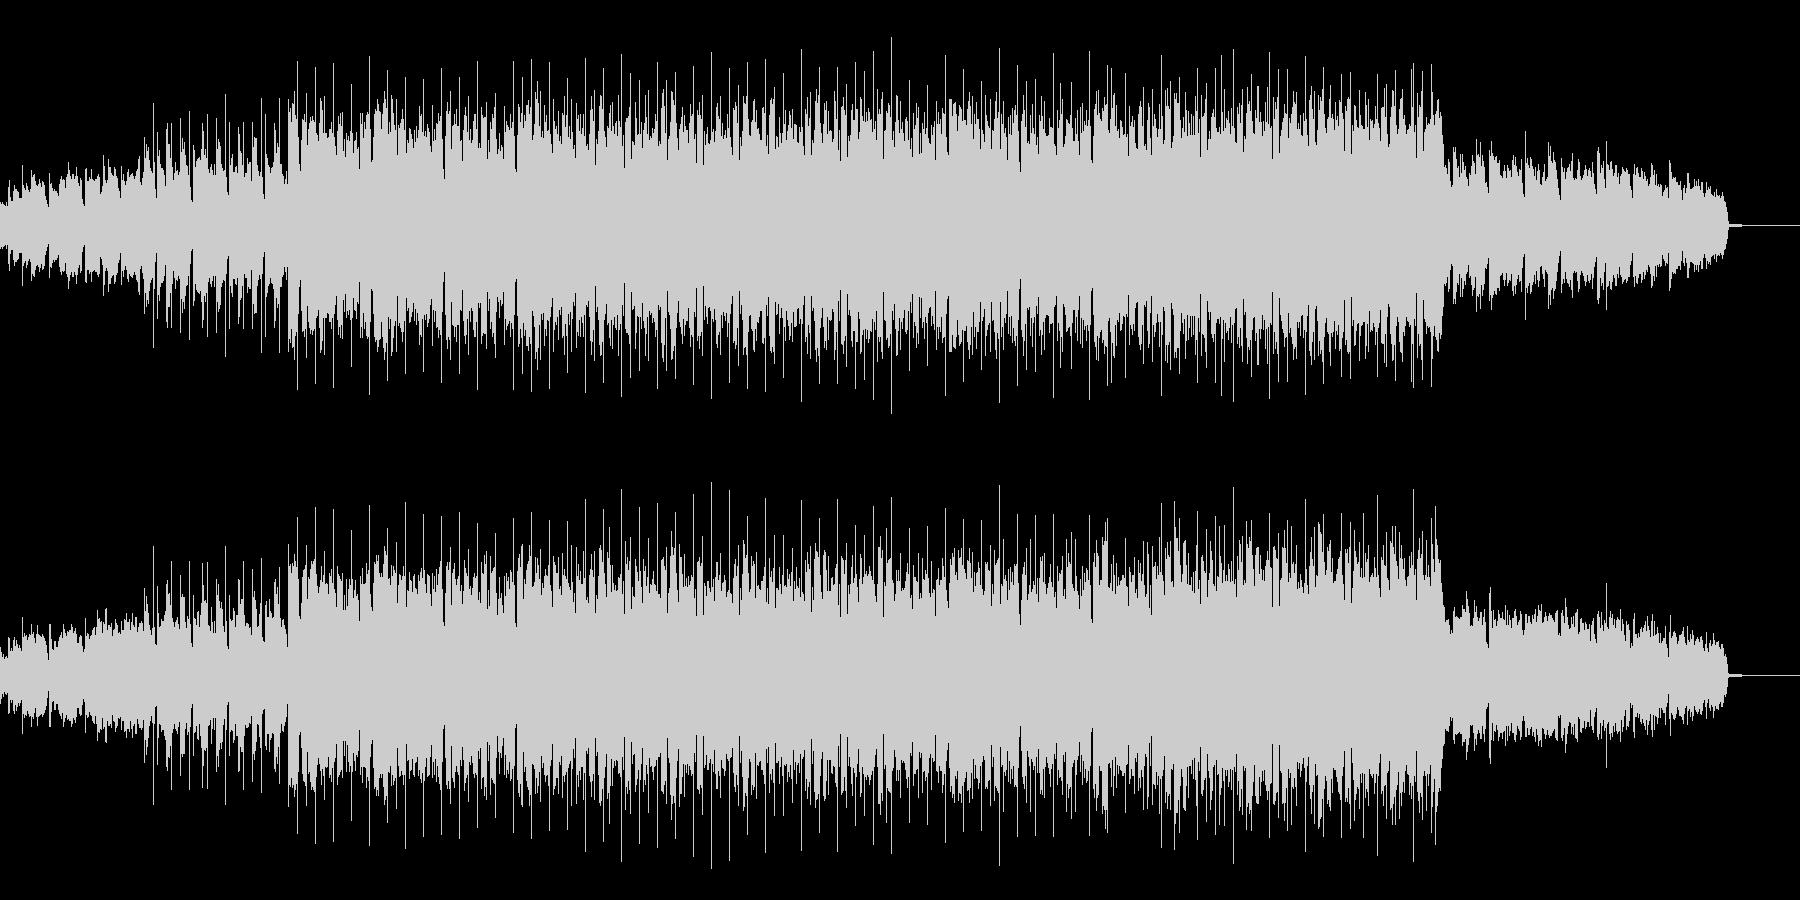 シンセサイザー多めのファンキーハウスの未再生の波形